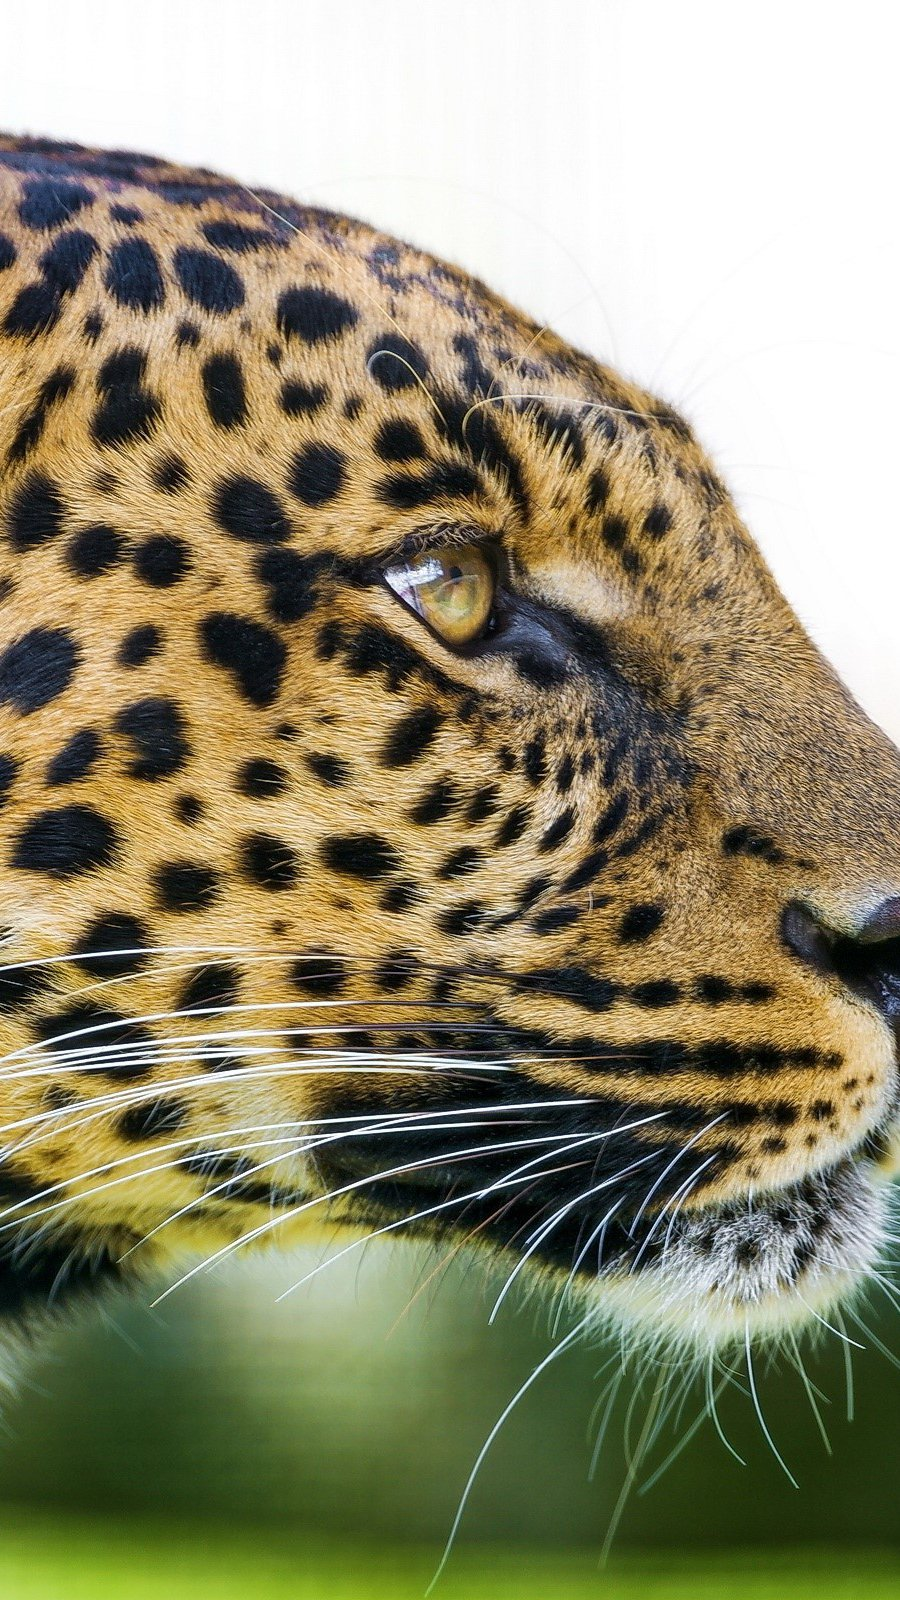 Fondos de pantalla Cabeza de un leopardo Vertical